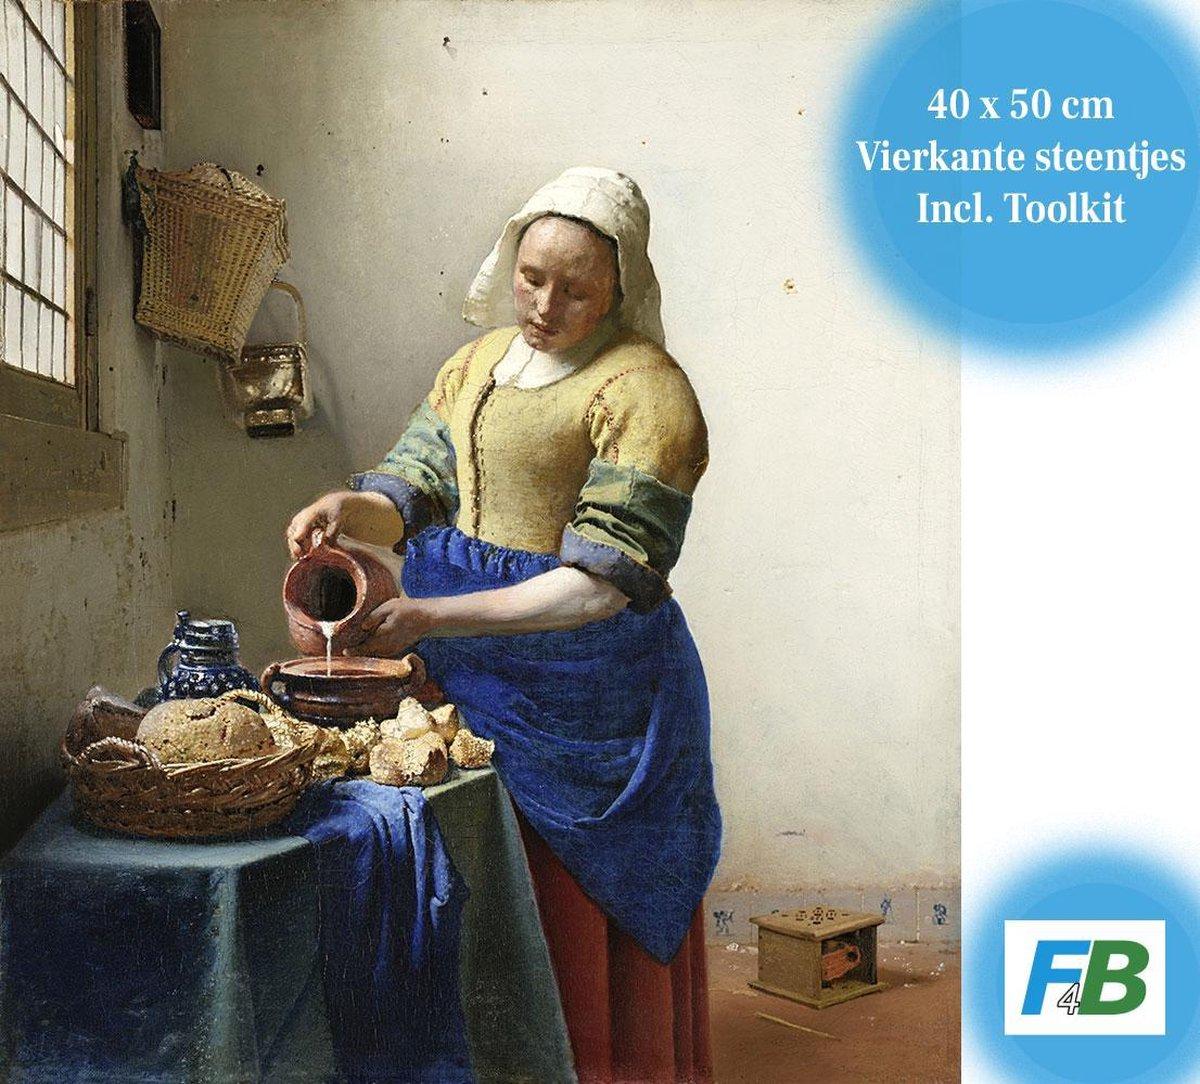 F4B | Het Melkmeisje | Johannes Vermeer | 40x50CM | Diamond painting pakket | volledig dekkend | Diamant Schilderen | vierkante steentjes